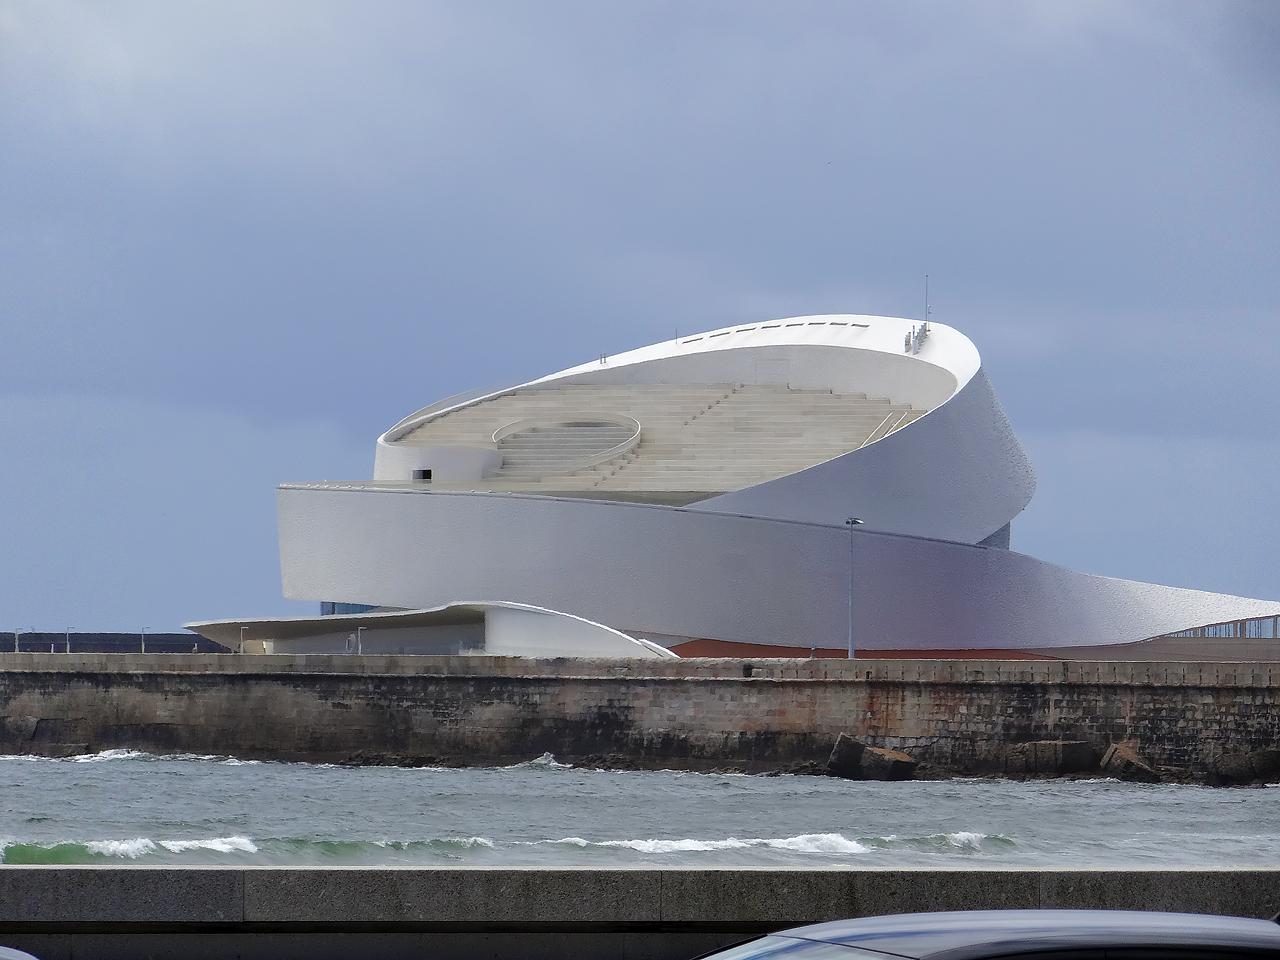 Porto Leixões Cruise Terminal par l'architecte Luis Pedro Silva ouvert le 23 juillet 2015, 50 millions d'euros. Quai de 340 mètres.